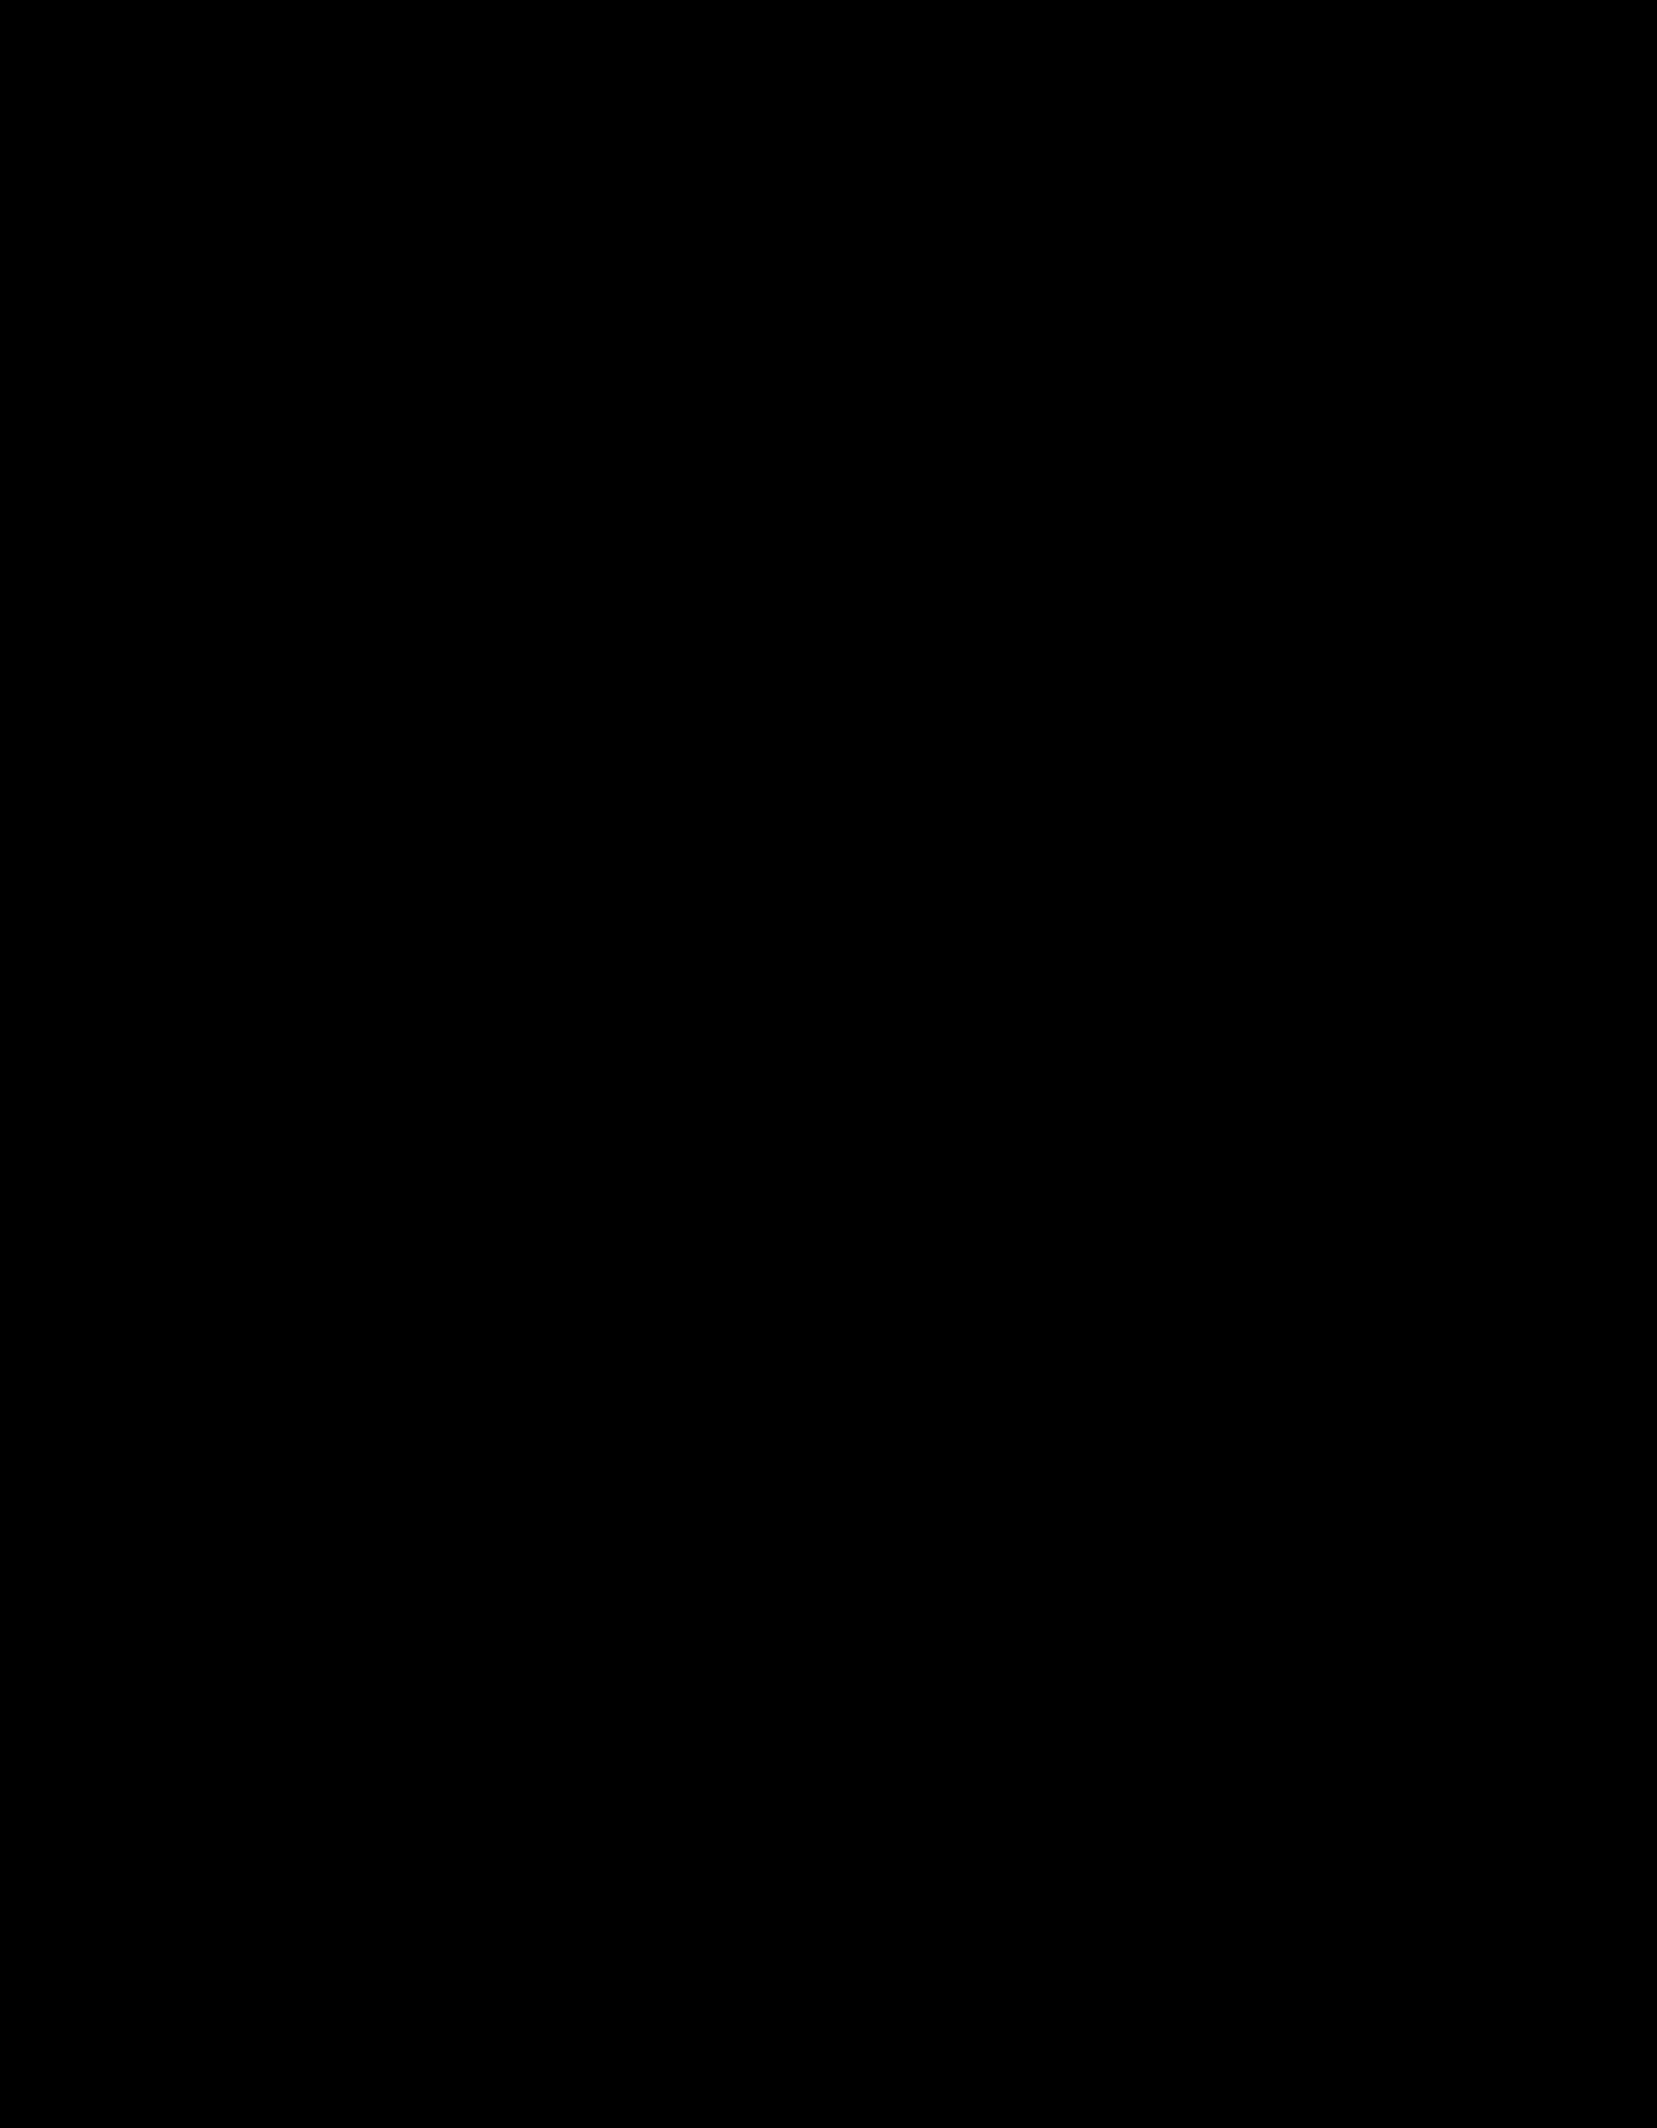 【會員事務組 x 會員擴展組】半島「聚」精彩系列三:山系半島人